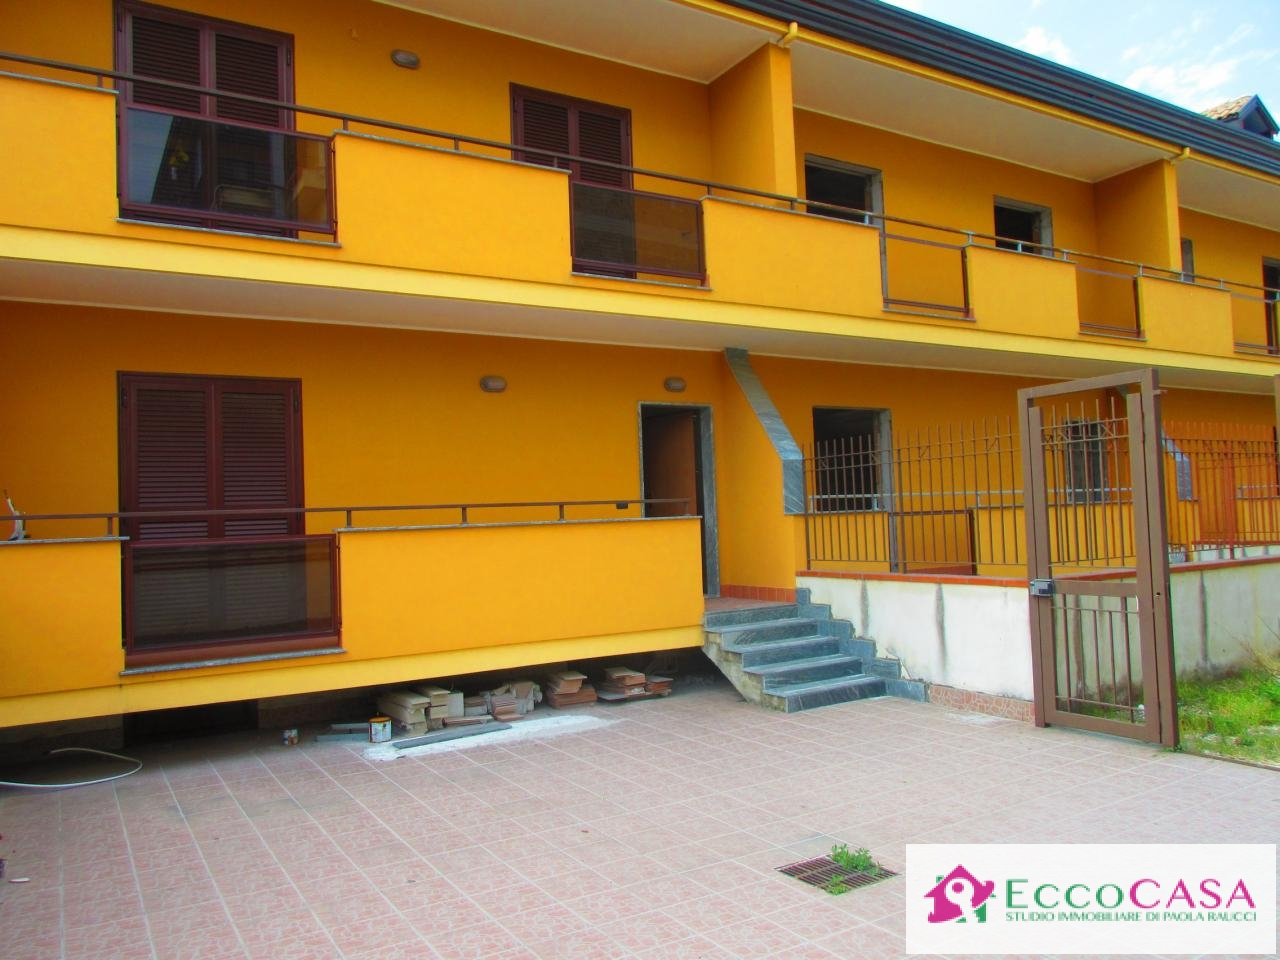 Villa in vendita a Maddaloni, 4 locali, prezzo € 205.000 | Cambio Casa.it